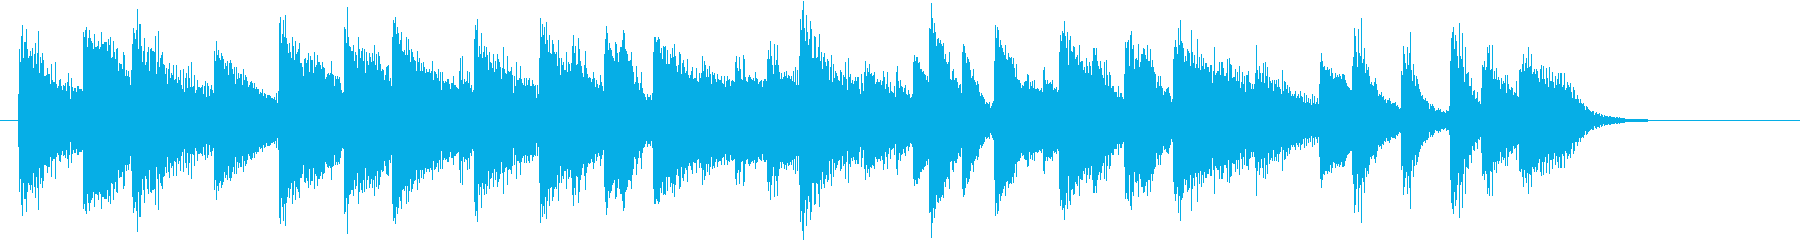 童謡・赤とんぼモチーフのピアノジングルDの再生済みの波形